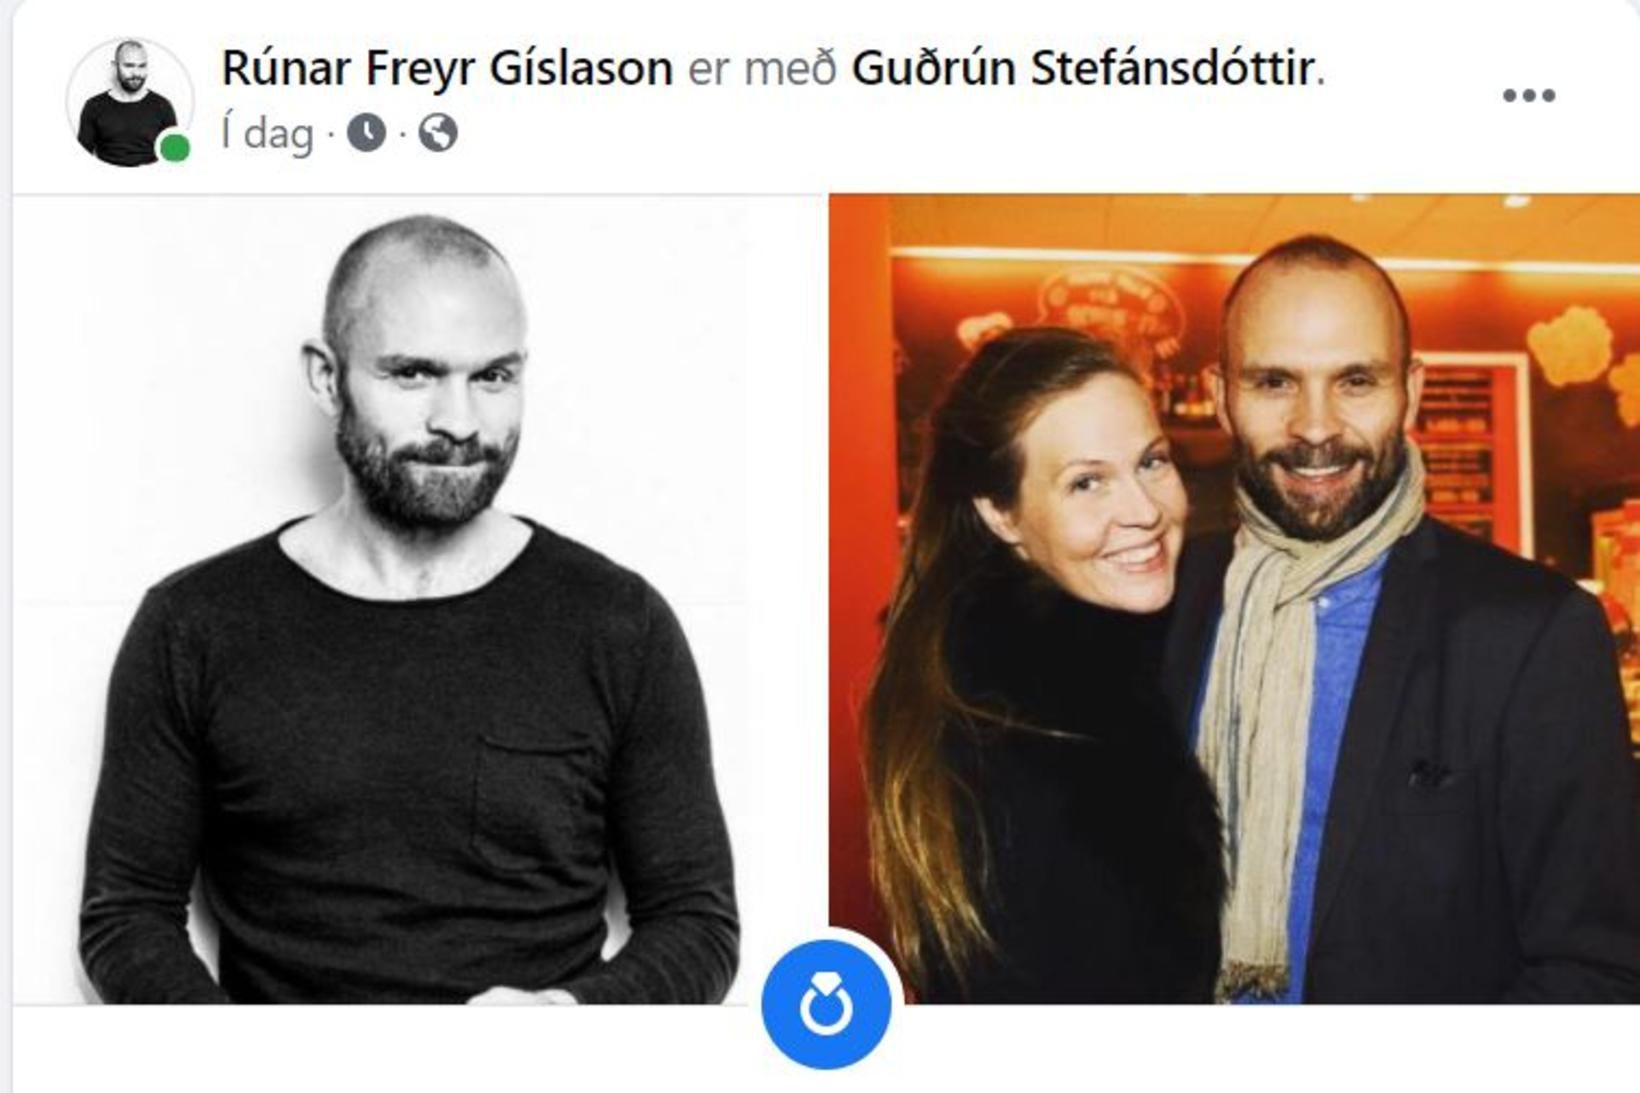 Rúnar Freyr Gíslason og Guðrún Jóna Stefánsdóttir eru trúlofuð.